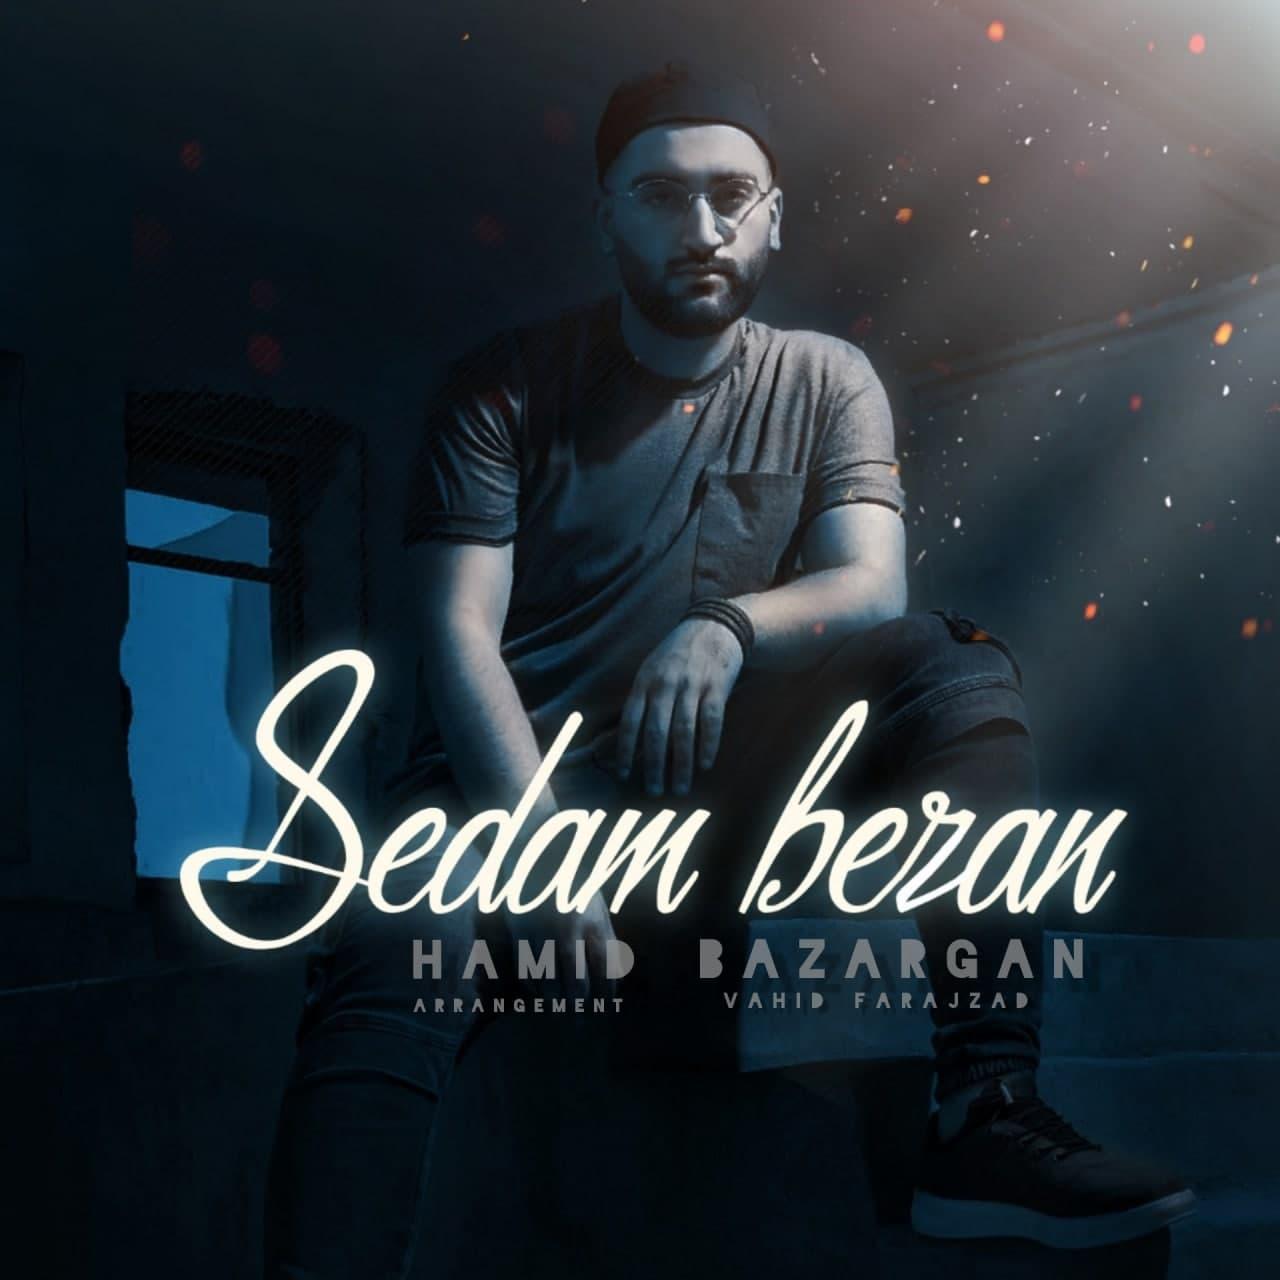 دانلود موزیک جدید صدام بزن از حمید بازرگان